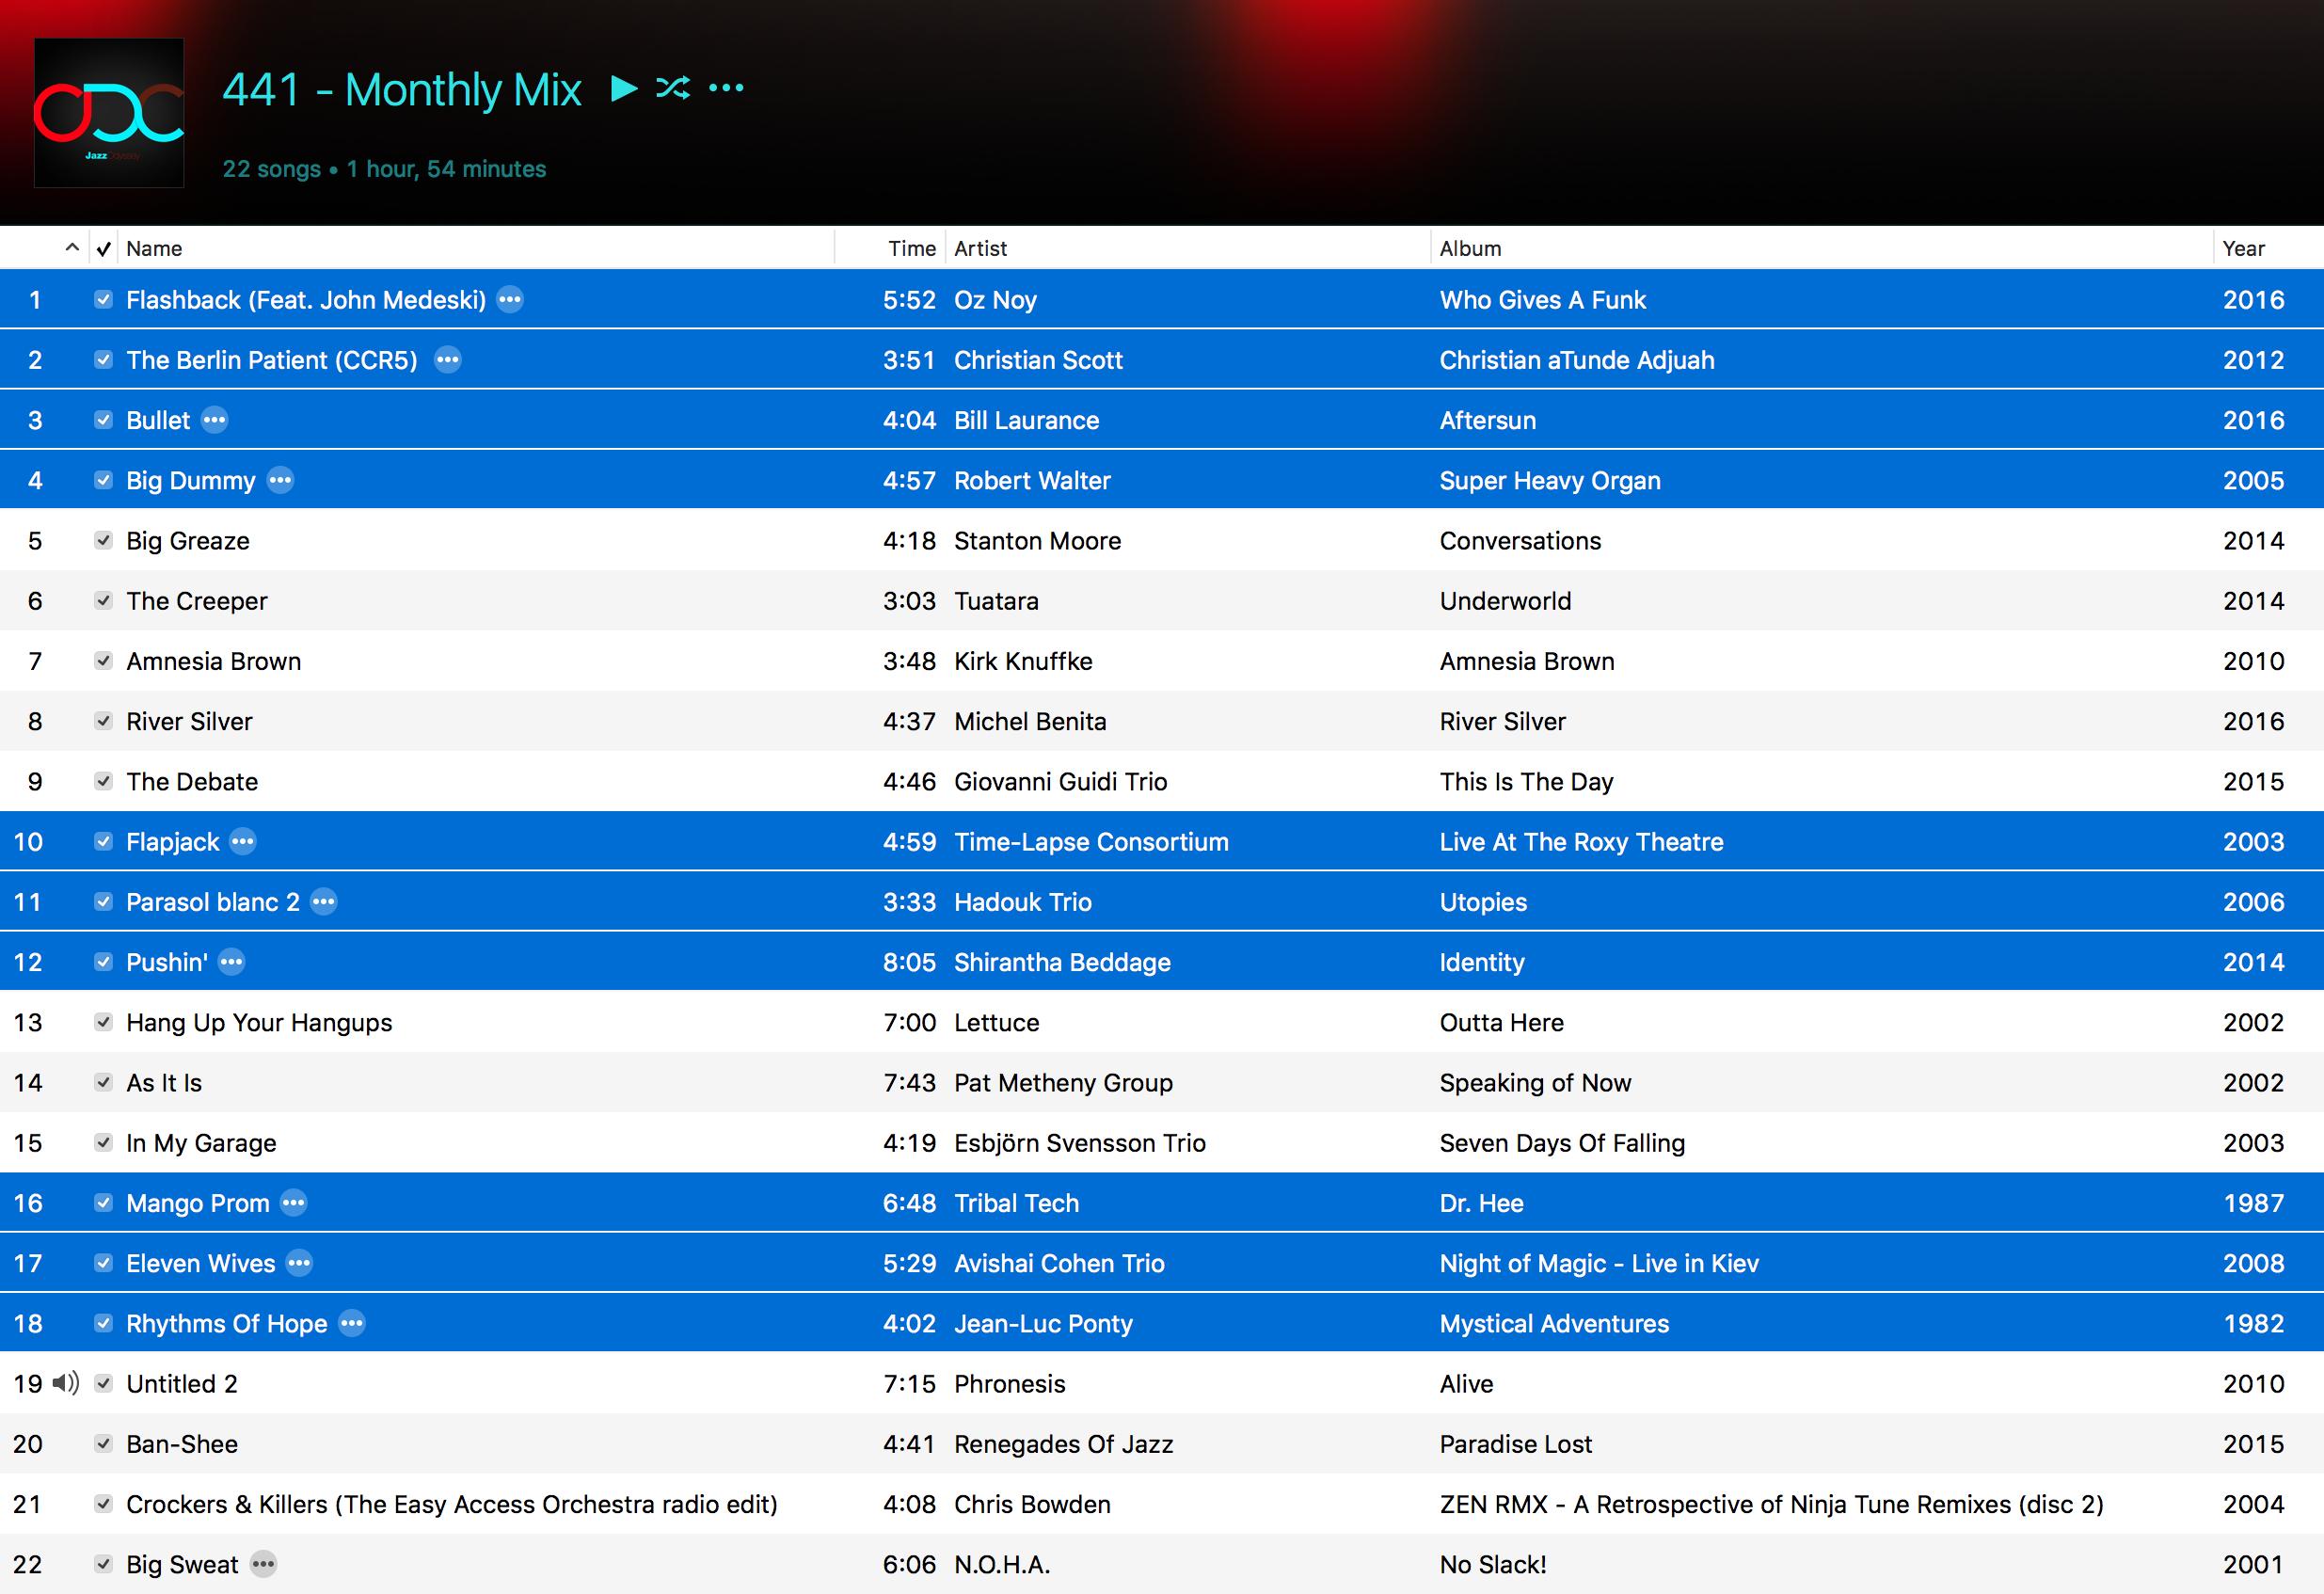 Jazz ODC #441 - Monthly Mix - Playlist